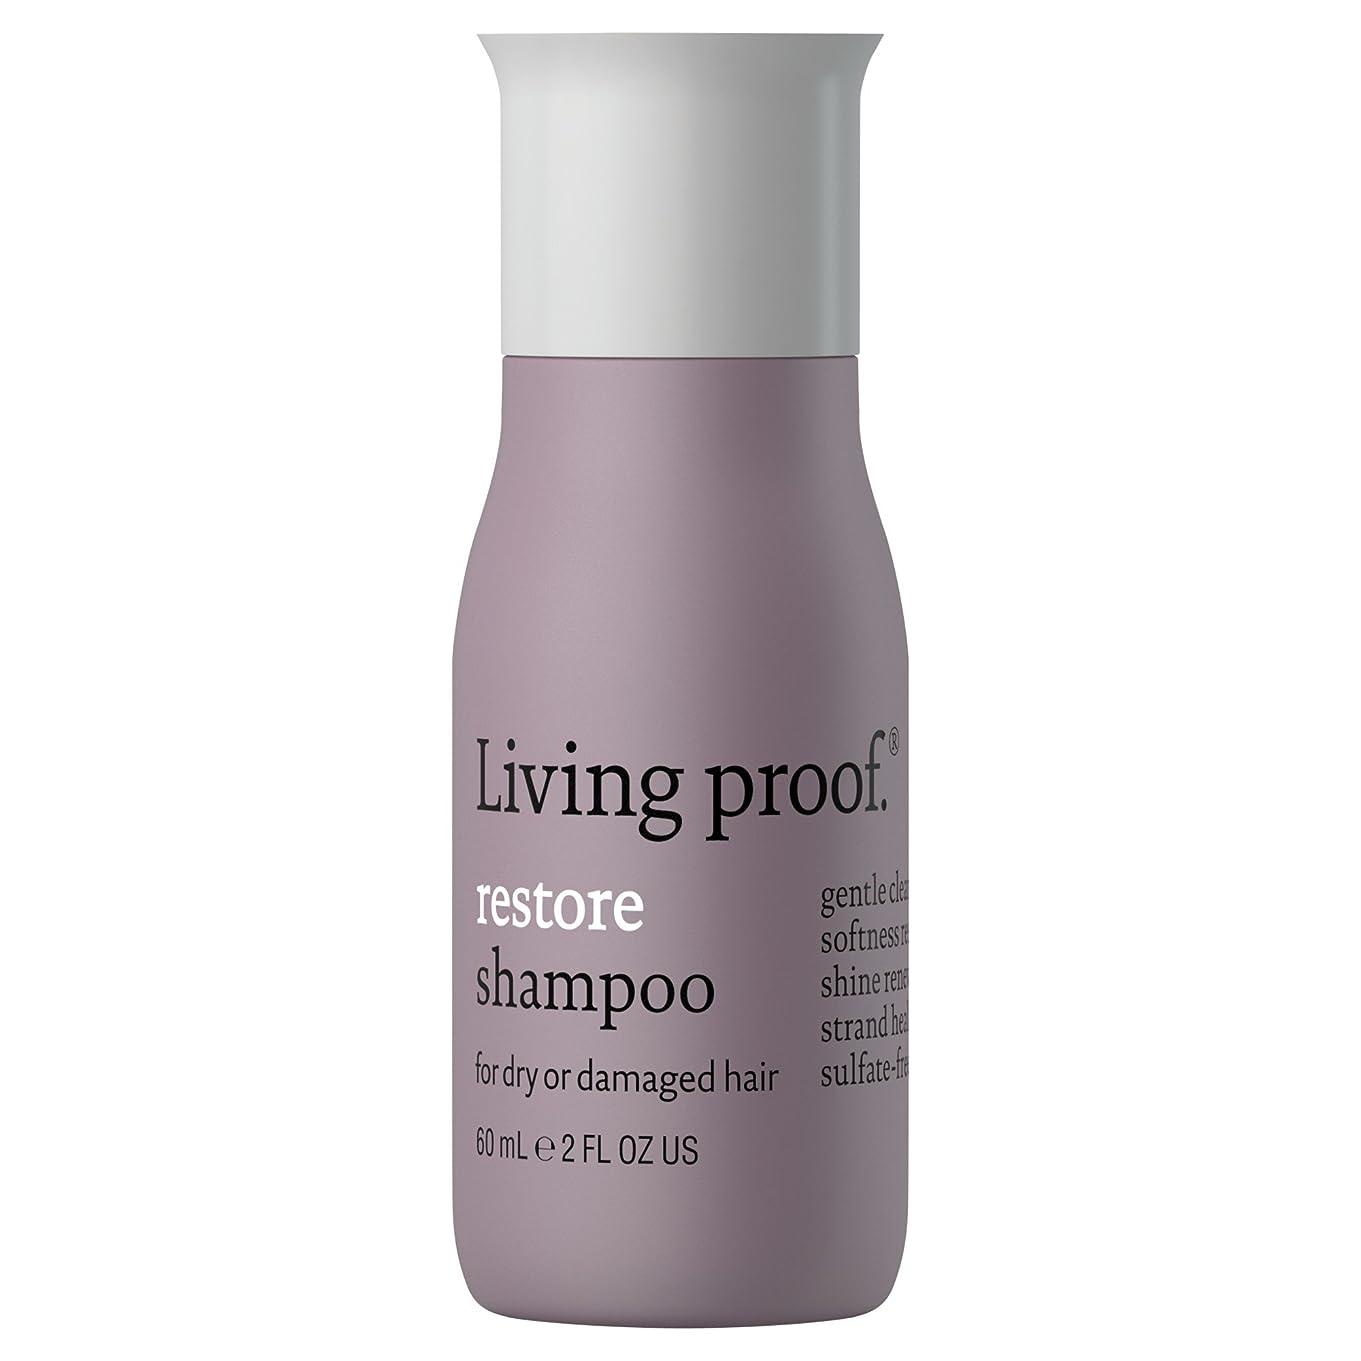 理容室メトリック交差点生きている証拠はシャンプー60ミリリットルを復元します (Living Proof) (x6) - Living Proof Restore Shampoo 60ml (Pack of 6) [並行輸入品]